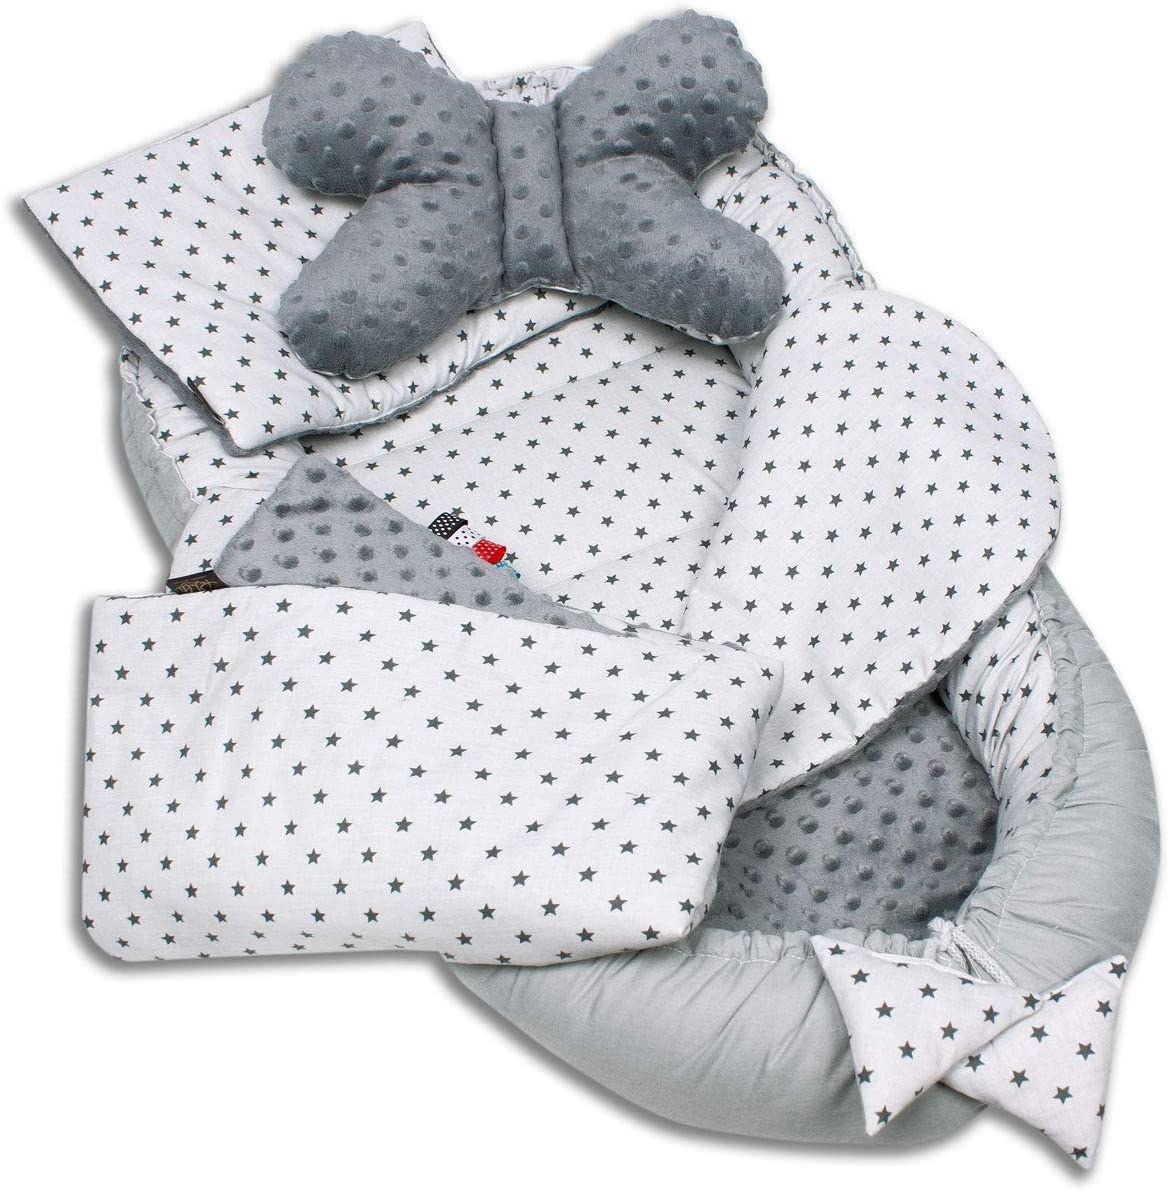 Palulli Babynestchen, 5-teiliges Set, hohe Qualität, 90x50cm, mit Kuscheldecke, Kissen und herausnehmbarer Einlage, Baumwolle,…